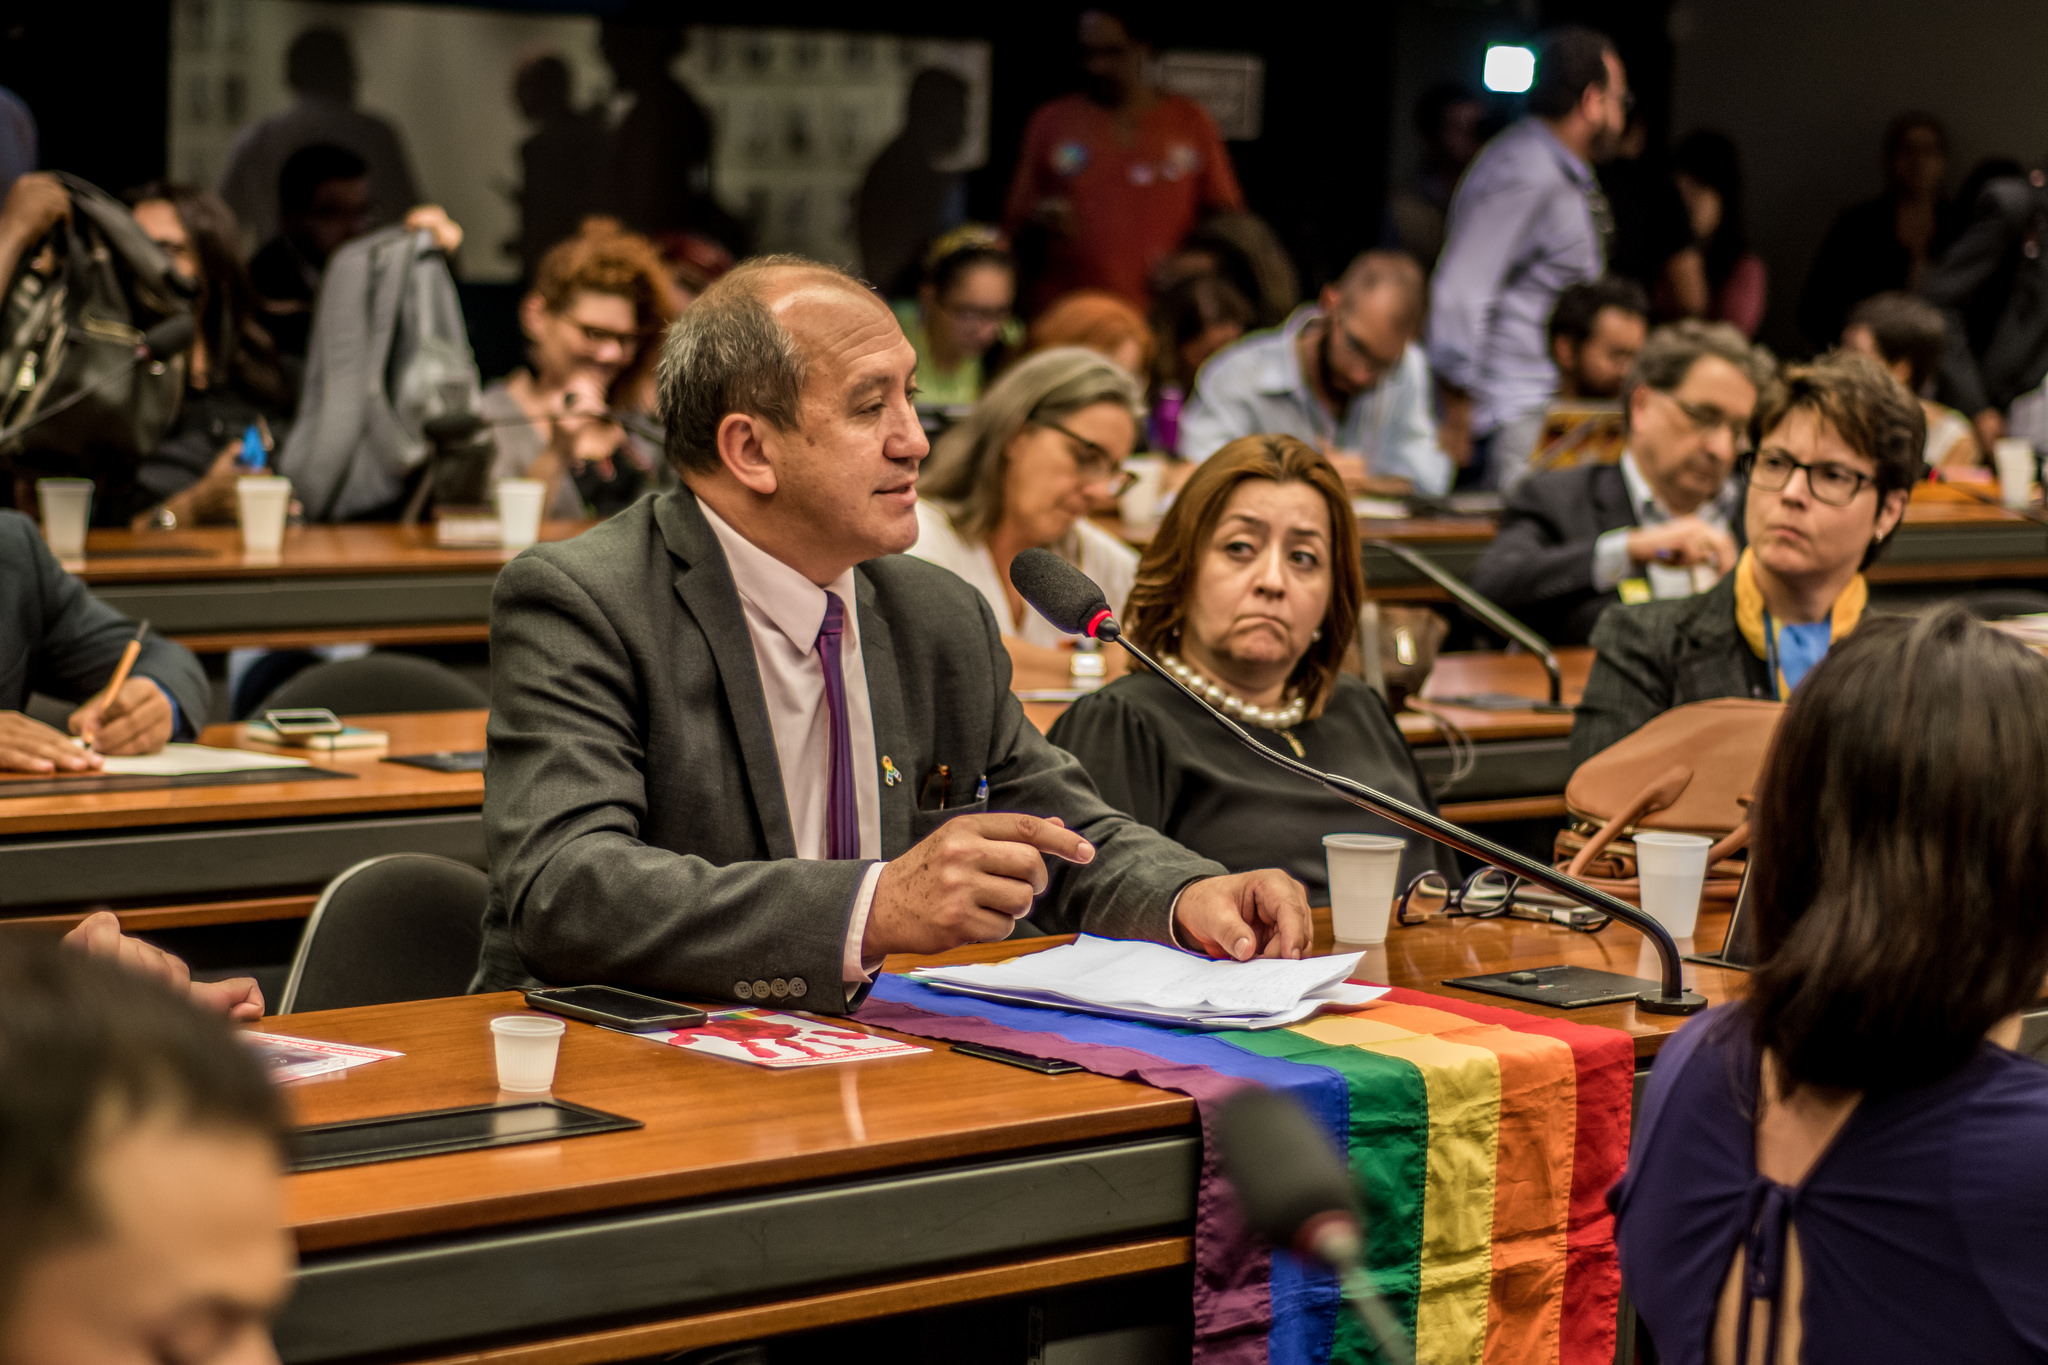 Em foco, Toni Reis, Diretor Presidente da Aliança Nacional LGBTI+. Sobre a mesa está a bandeira LGBTI+.